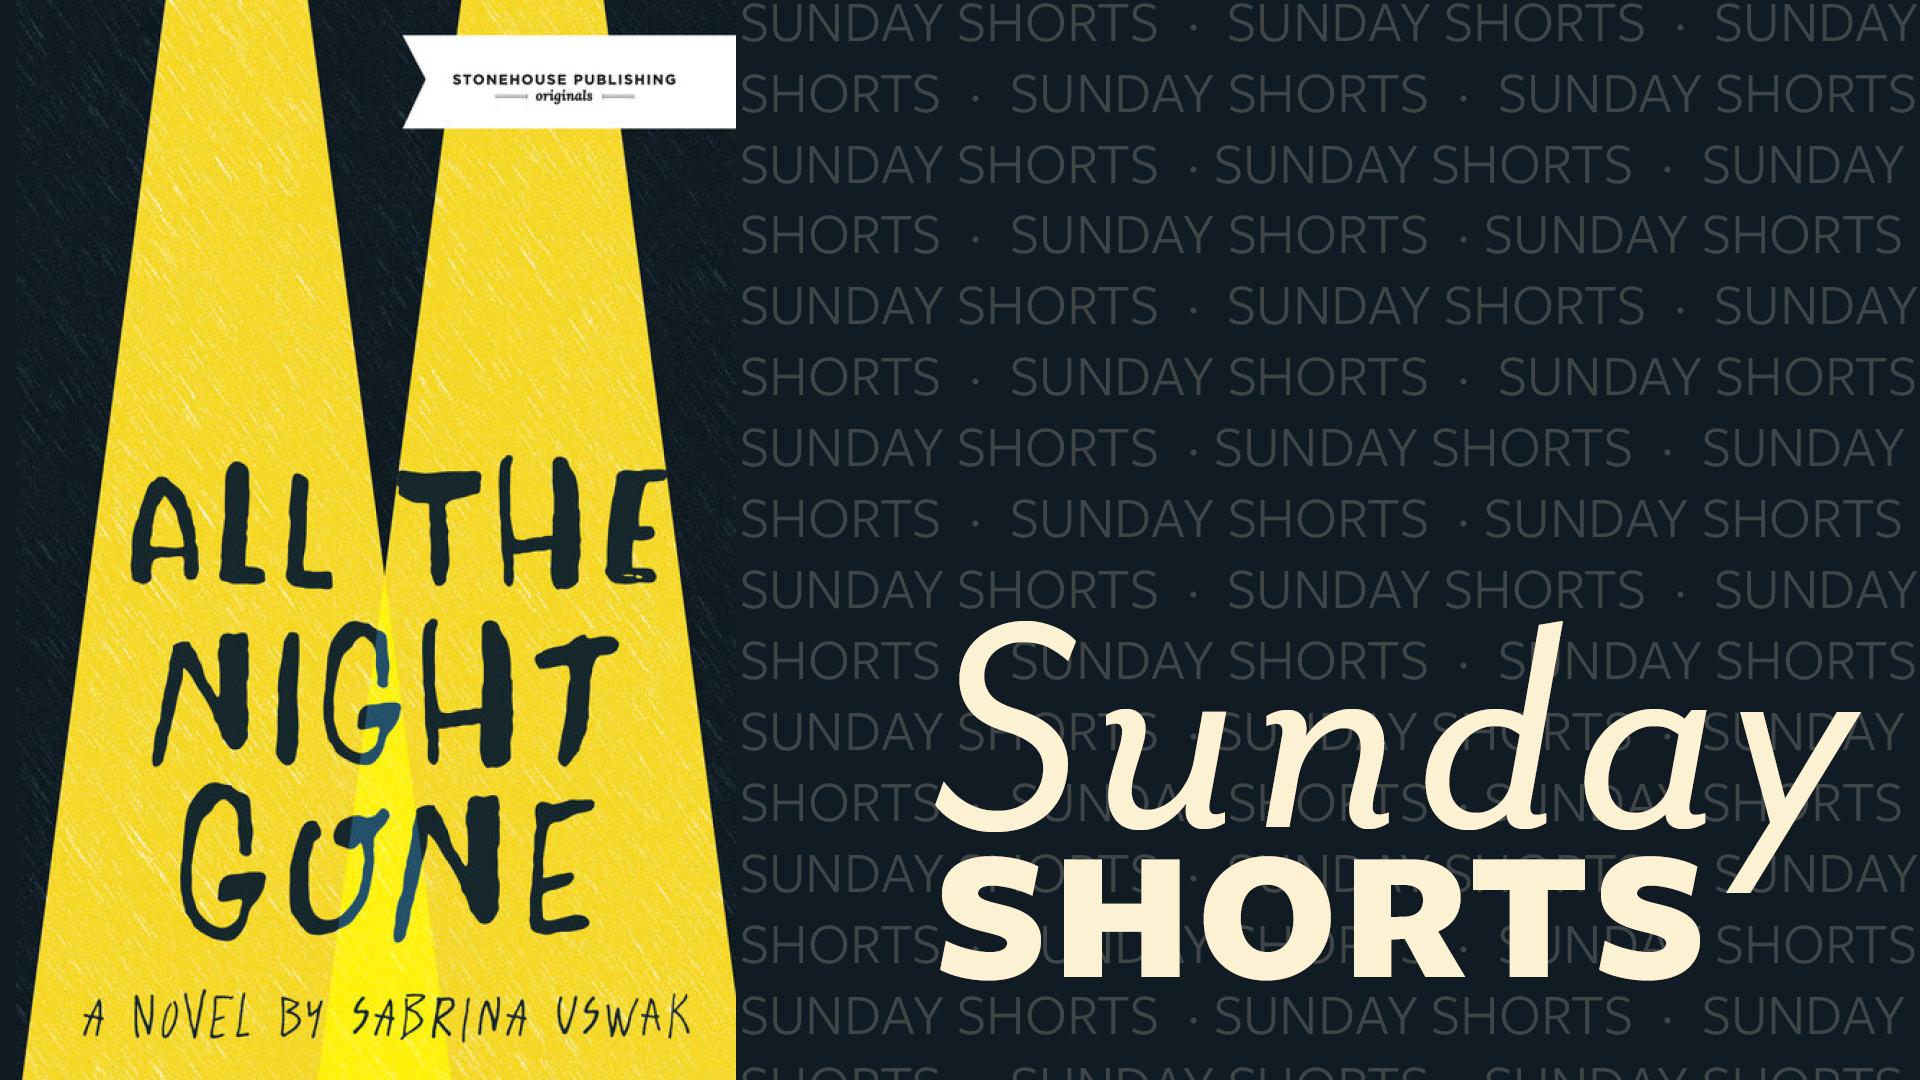 Sunday Shorts - Sabrina Uswak